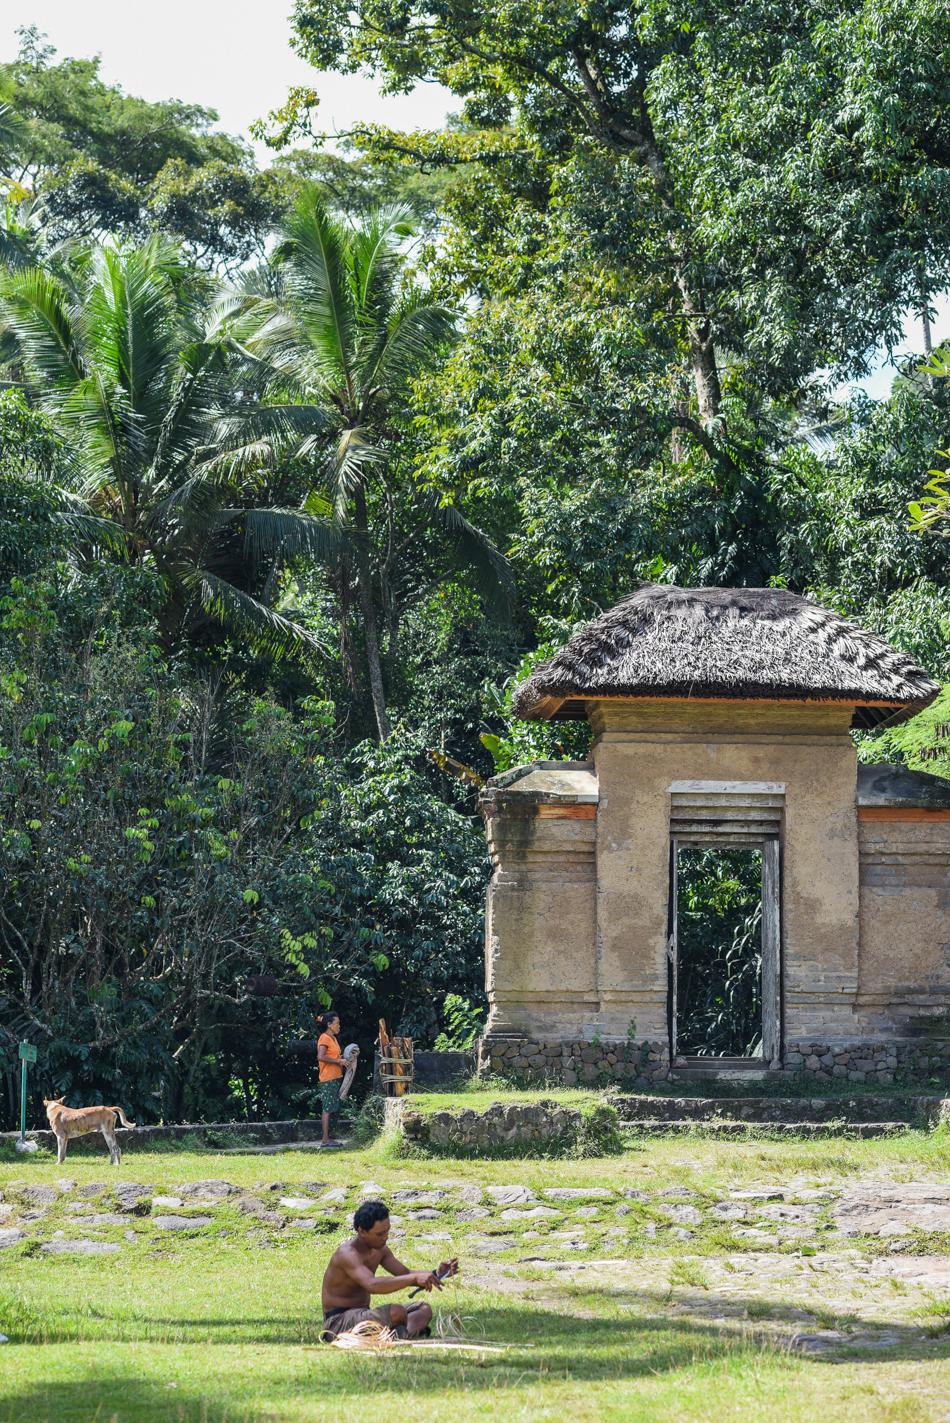 Bali-Honeymoon-Travel-AnaisStoelen-113.jpg